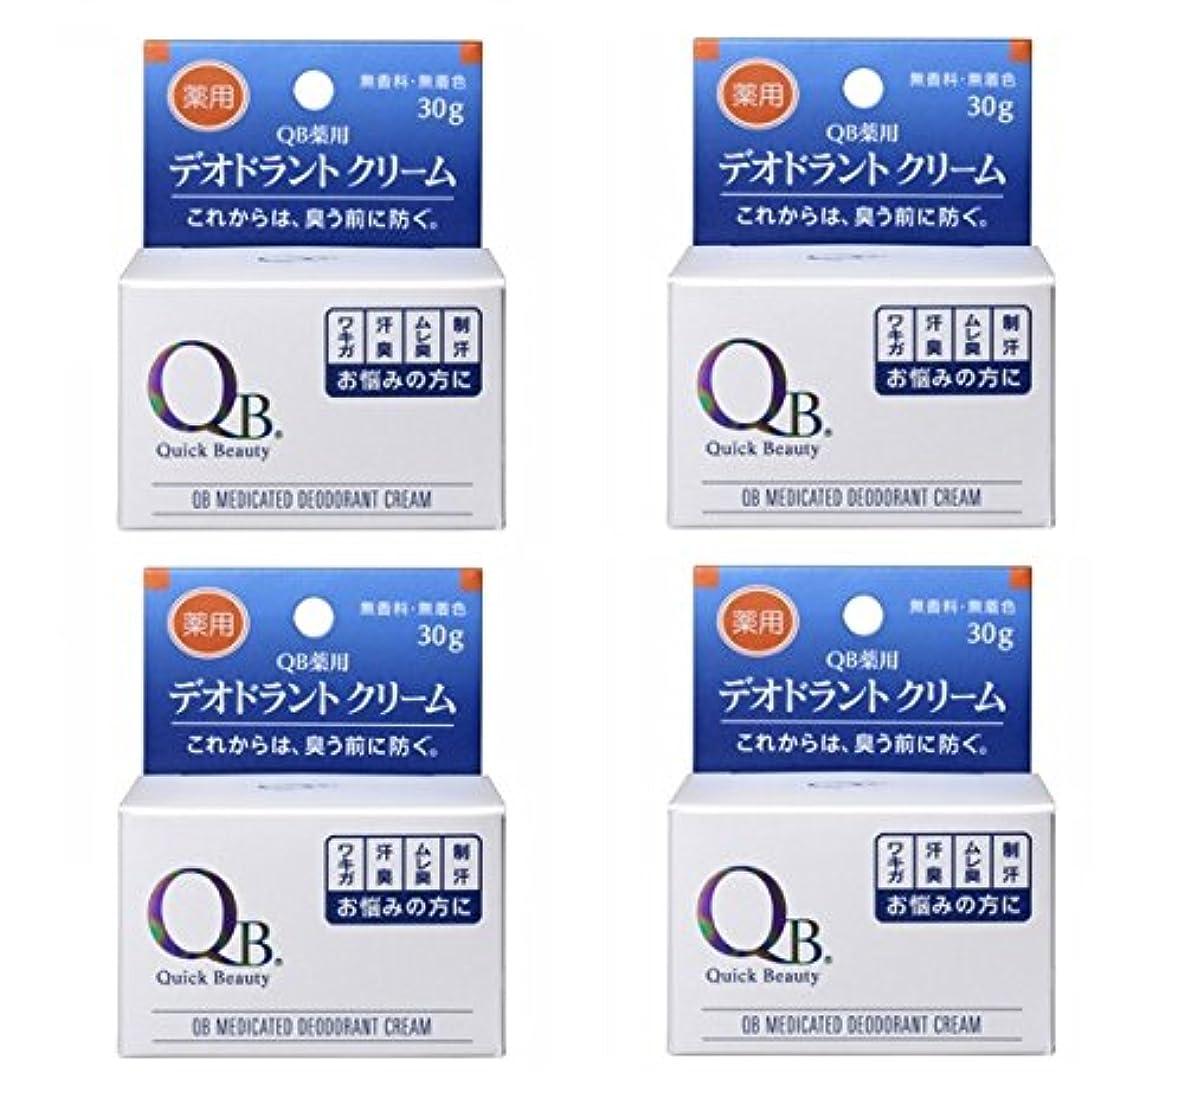 着る他に行列【×4個】 QB 薬用デオドラントクリーム 30g 【国内正規品】